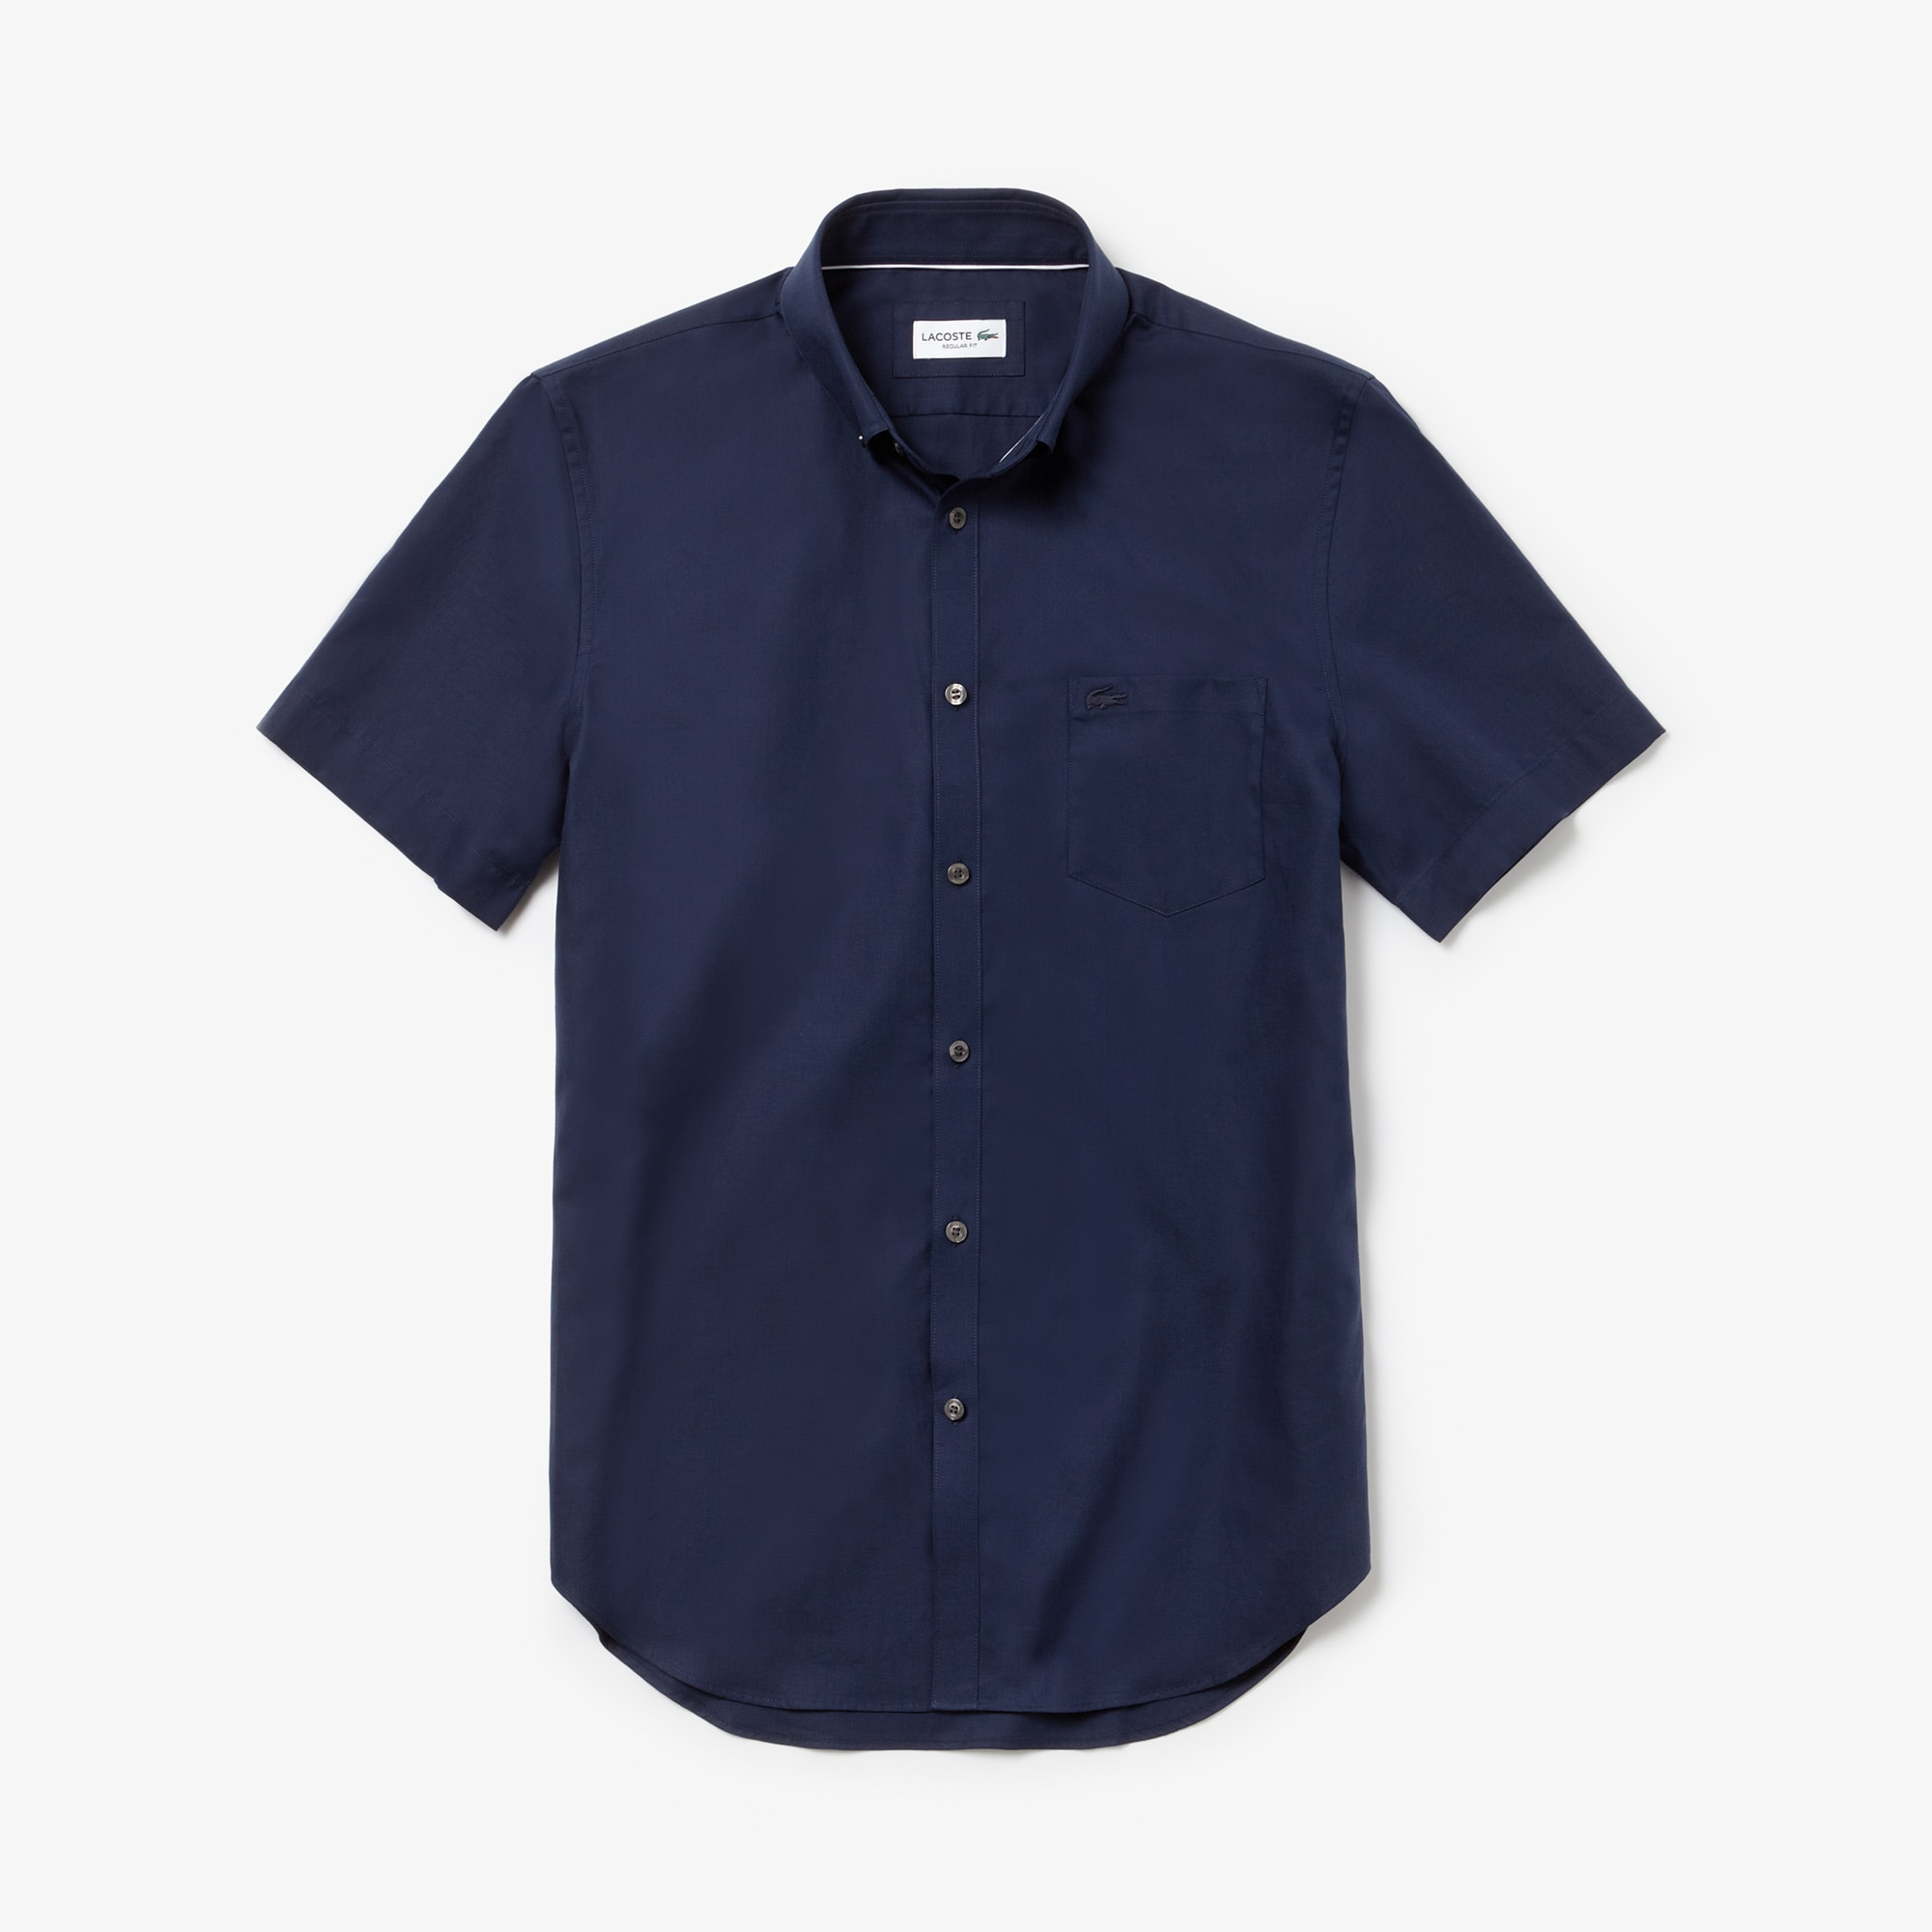 قميص ذو قصة منتظمة محاك بأسلوب ميني بيكيه للرجال